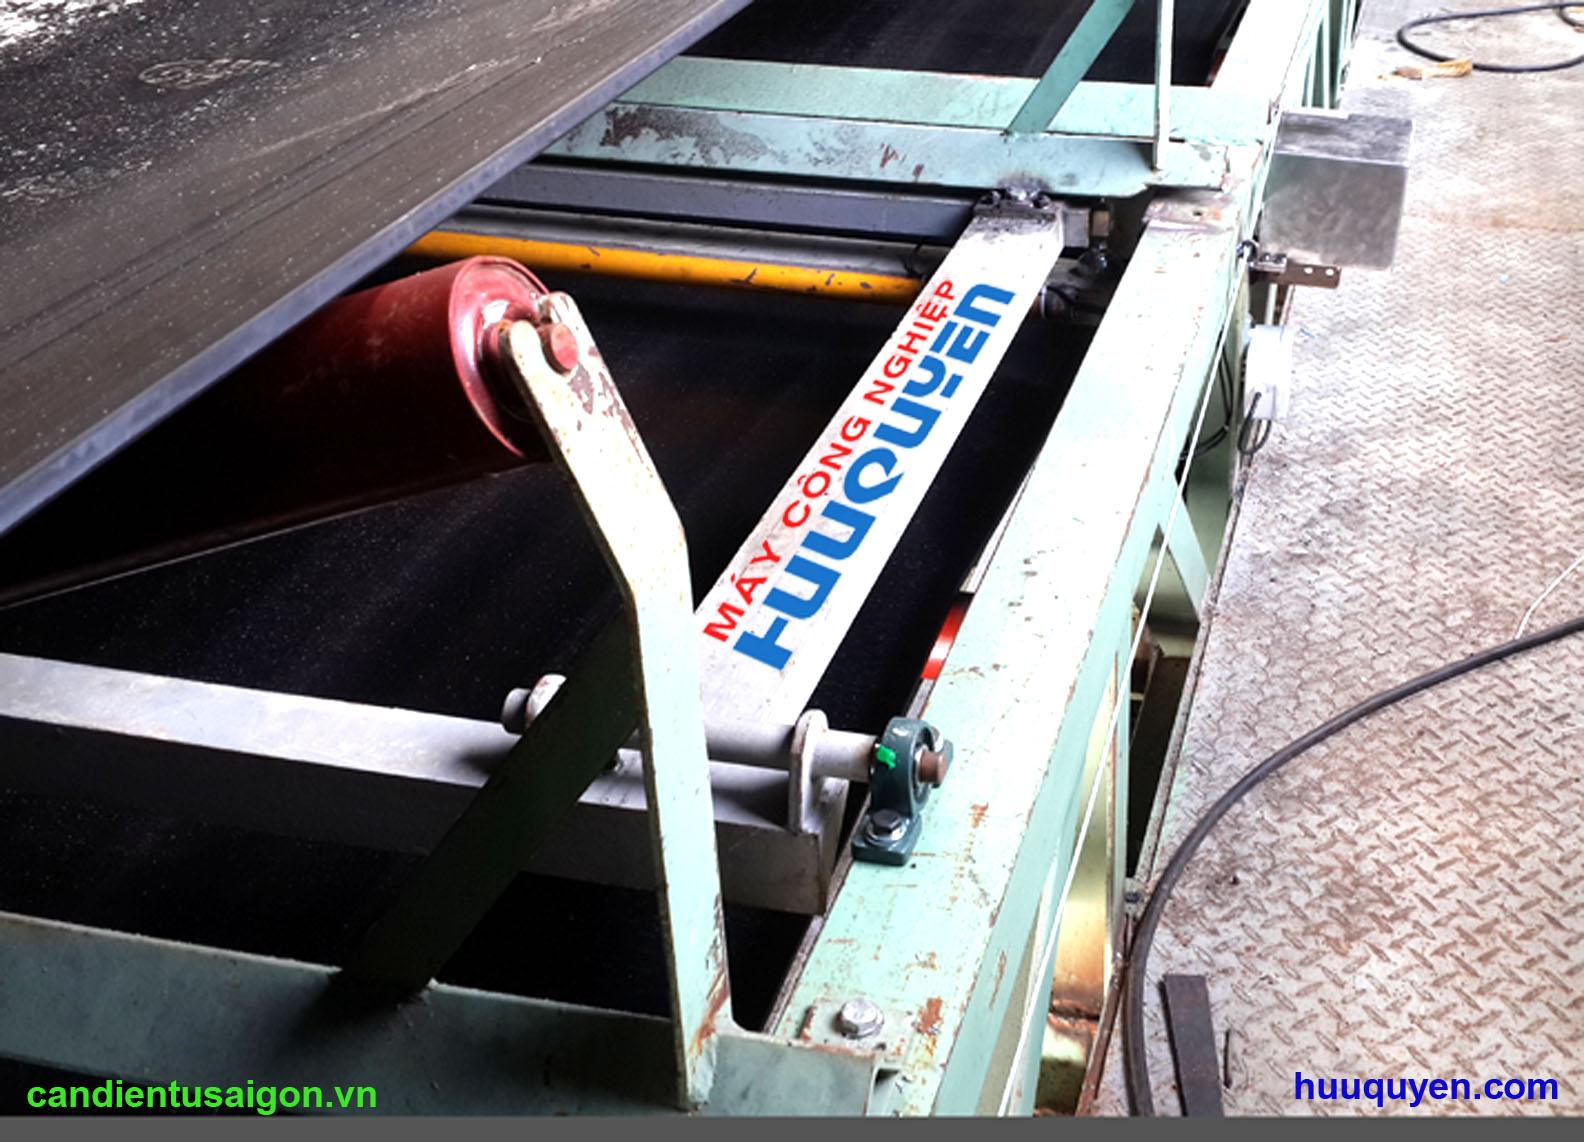 Modul loadcell cân định lượng bã mía gắn trên băng tải 2400mm